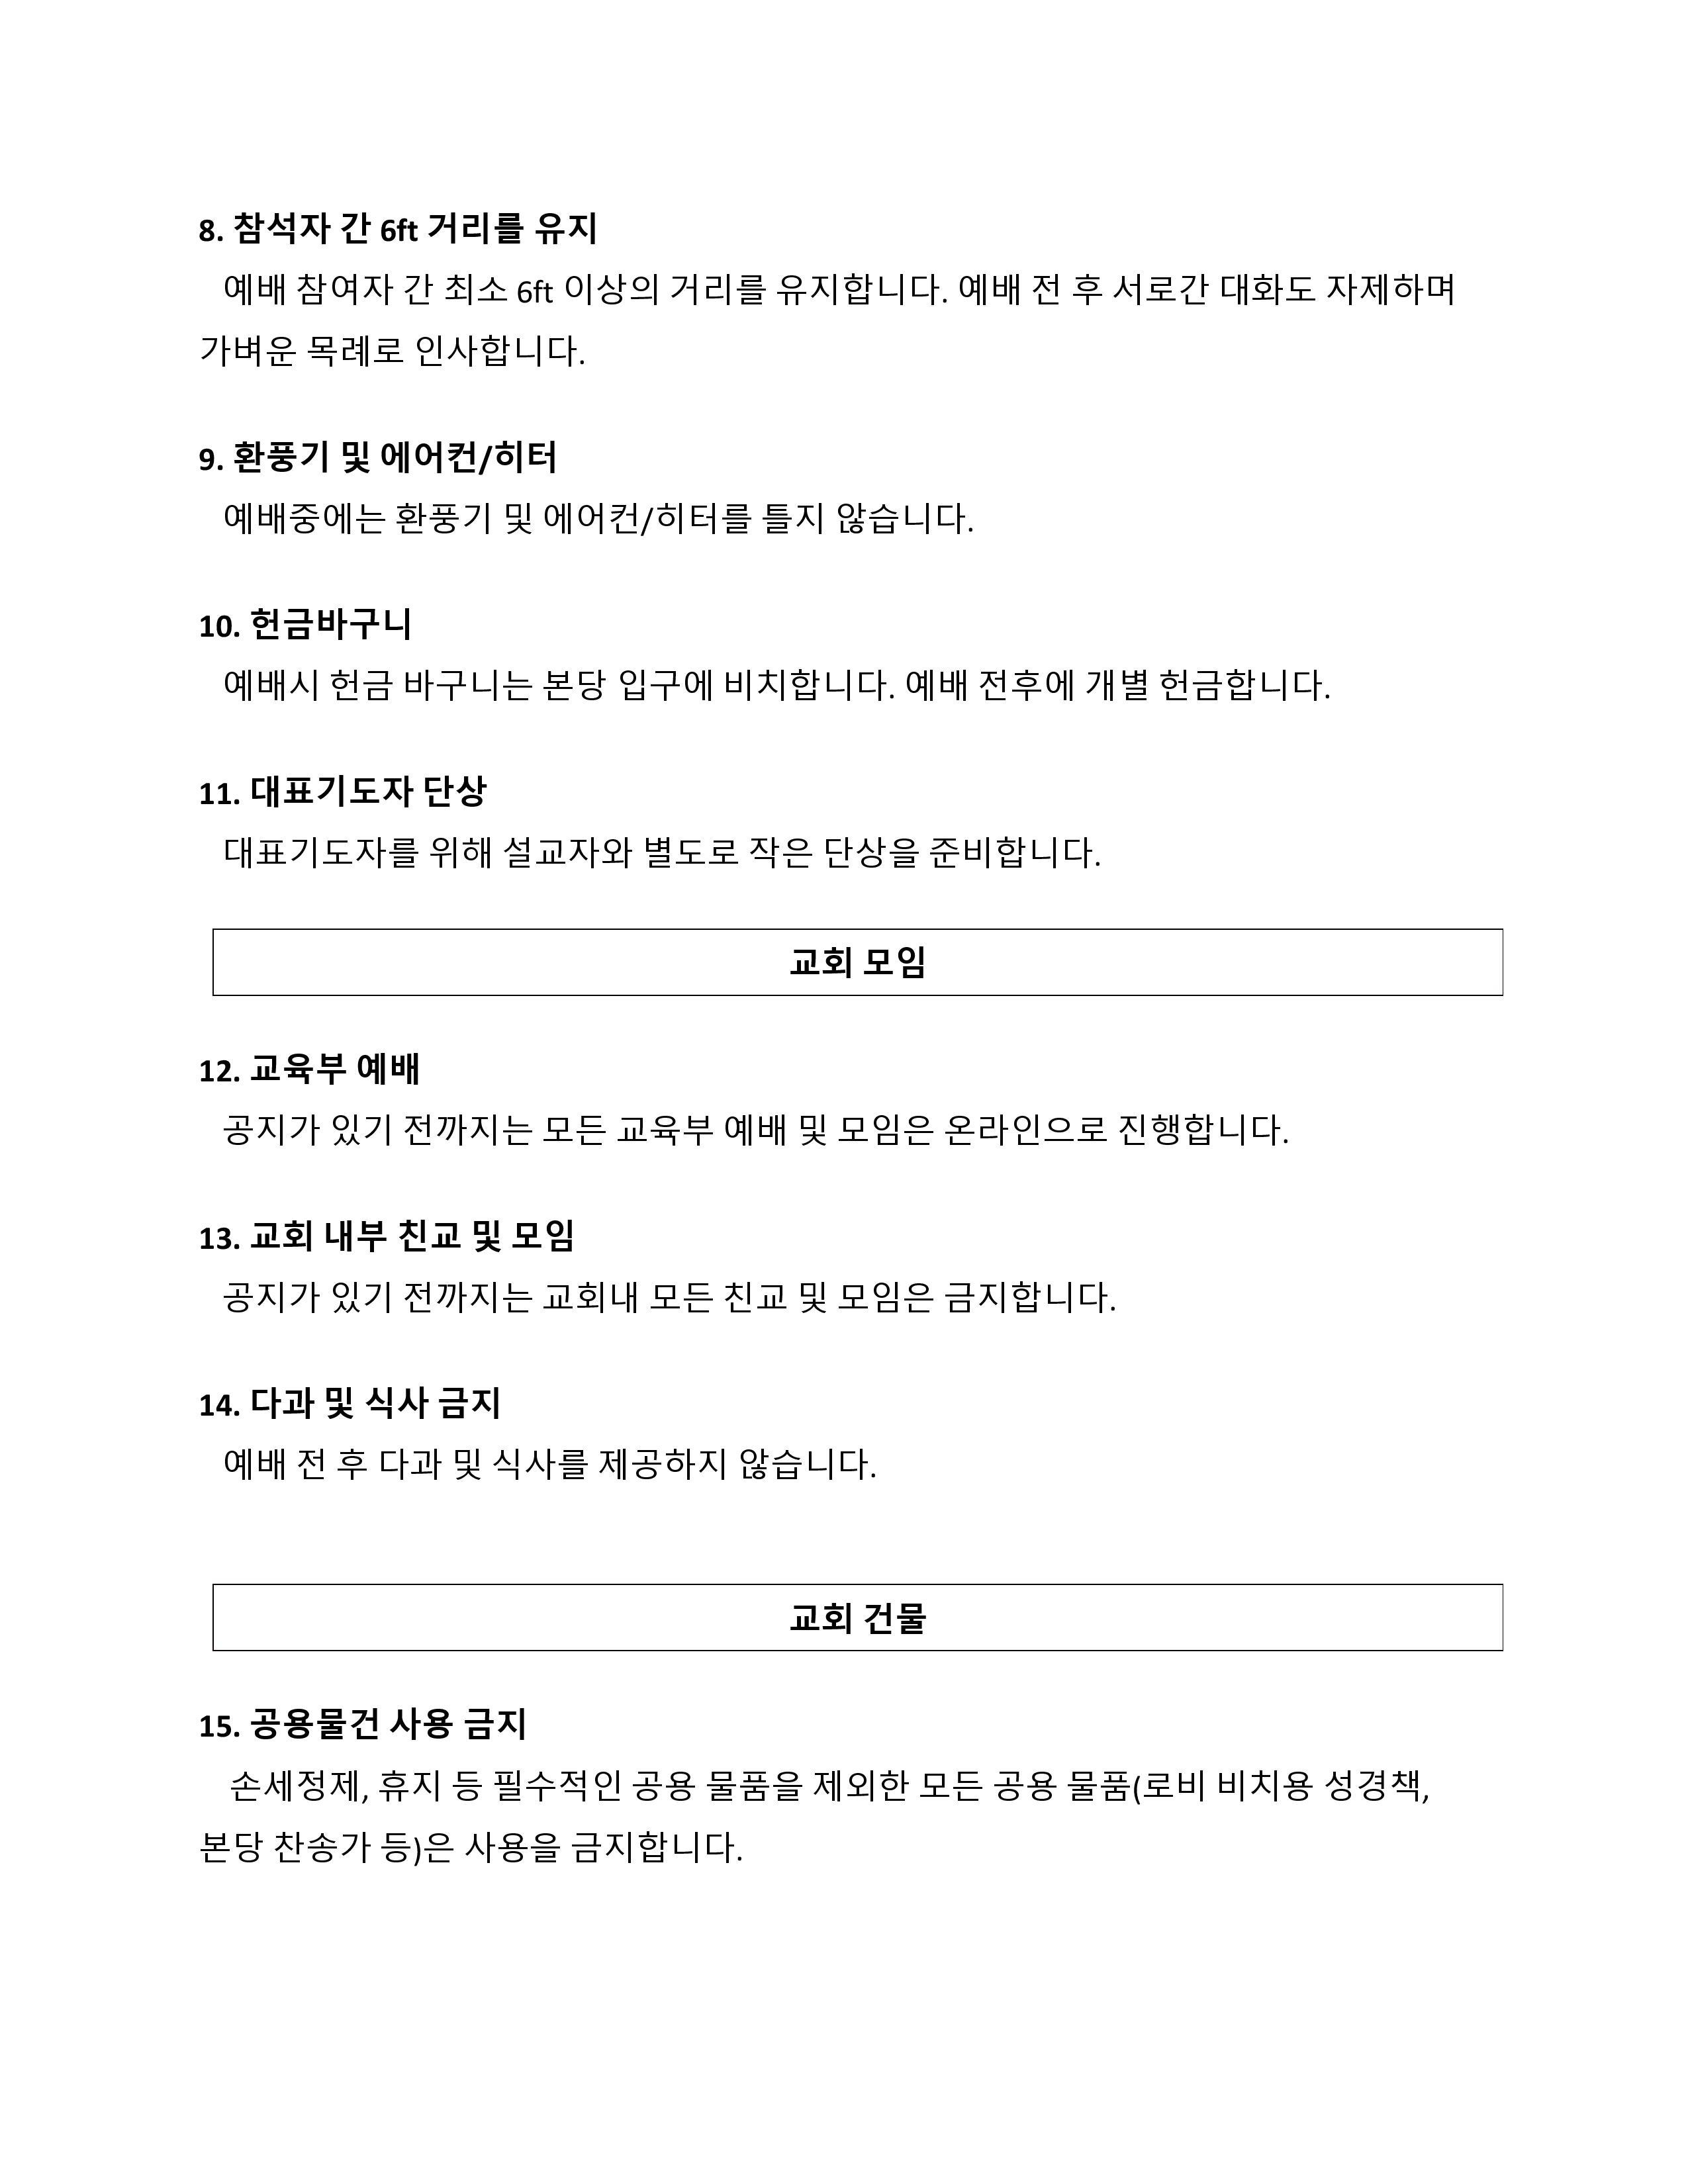 7월 예배 재개를 위한 공고문(웹사이트)3.jpg